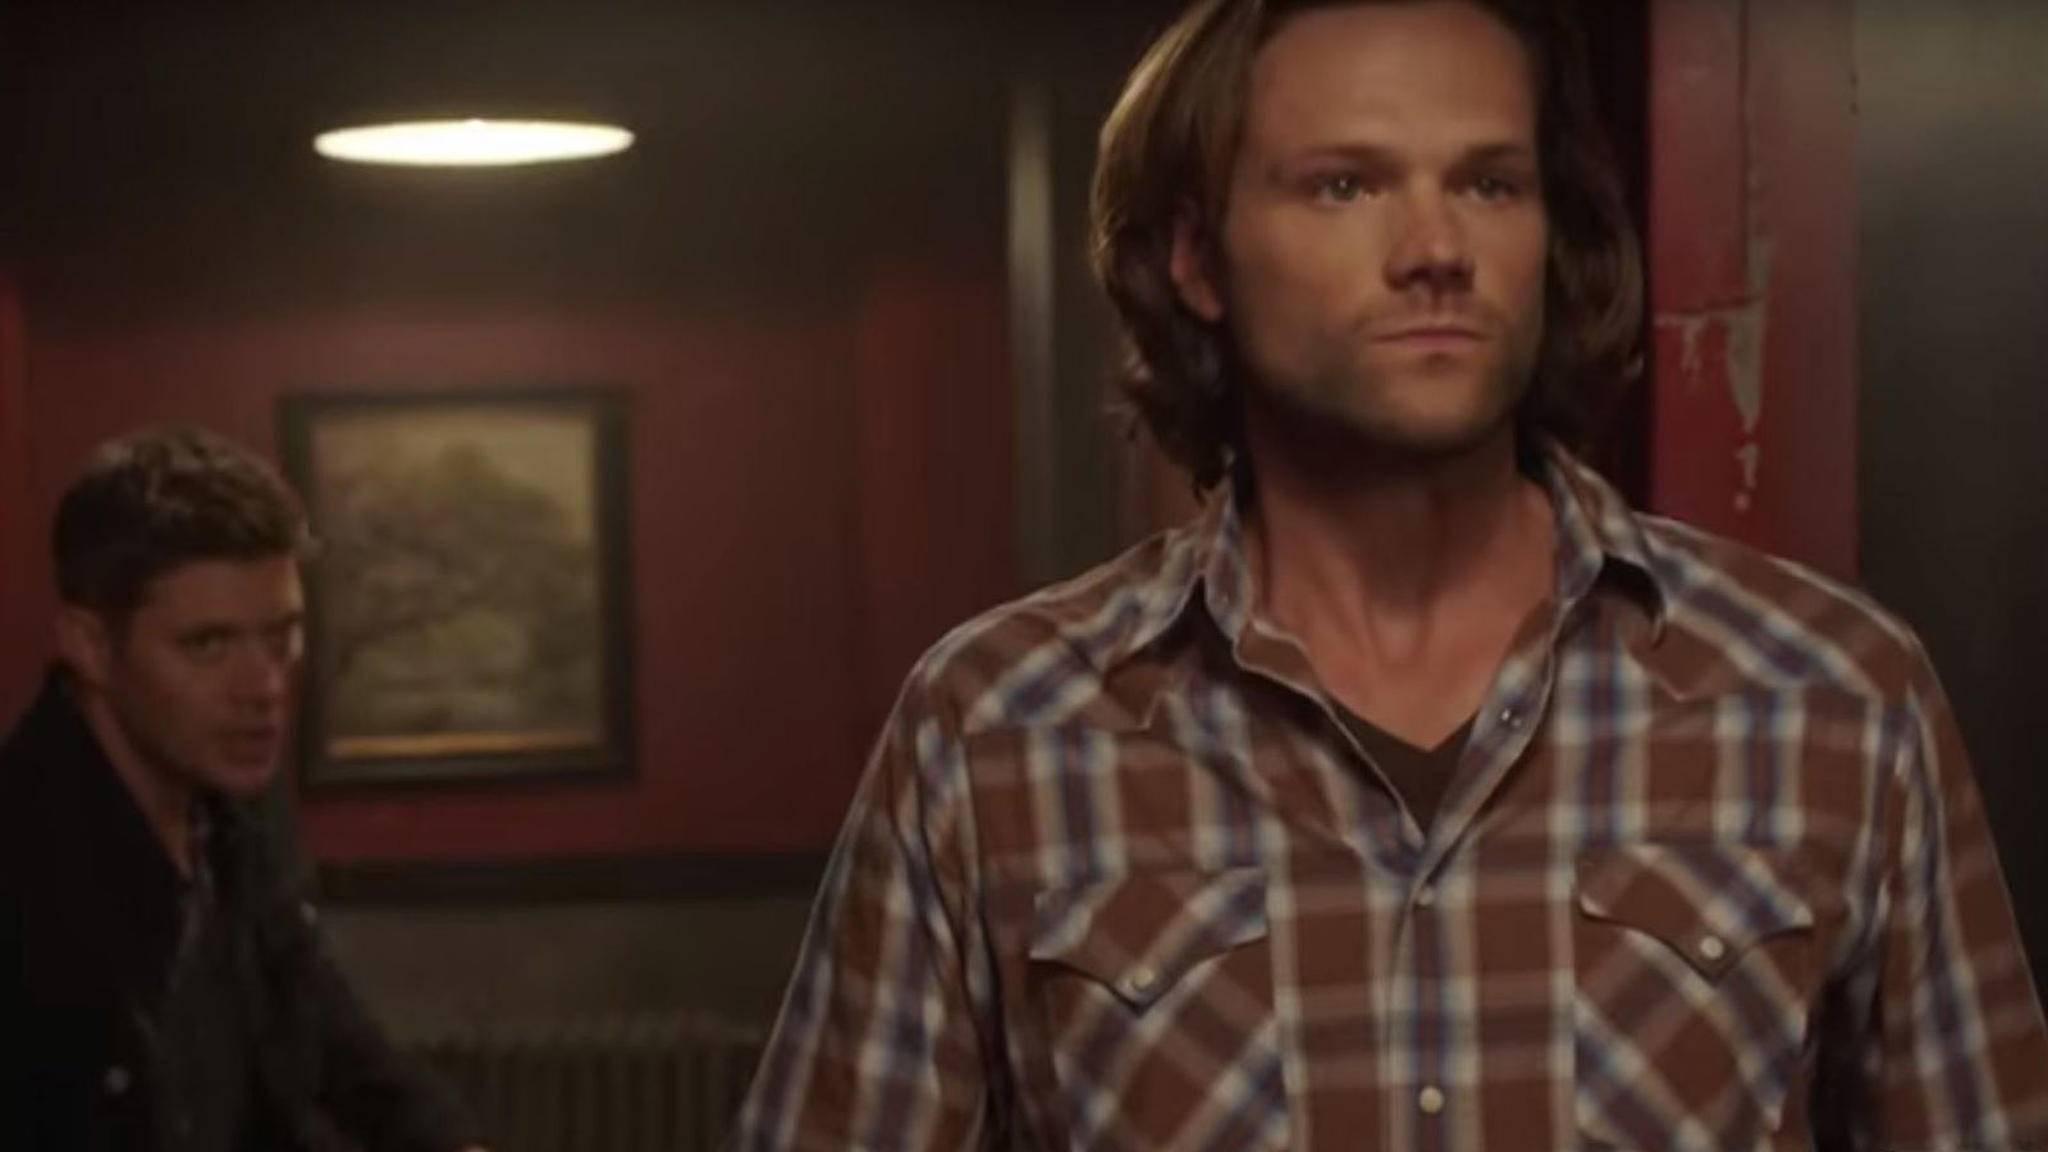 Da kommt wohl ziemlich was auf die Winchester-Brüder zu.